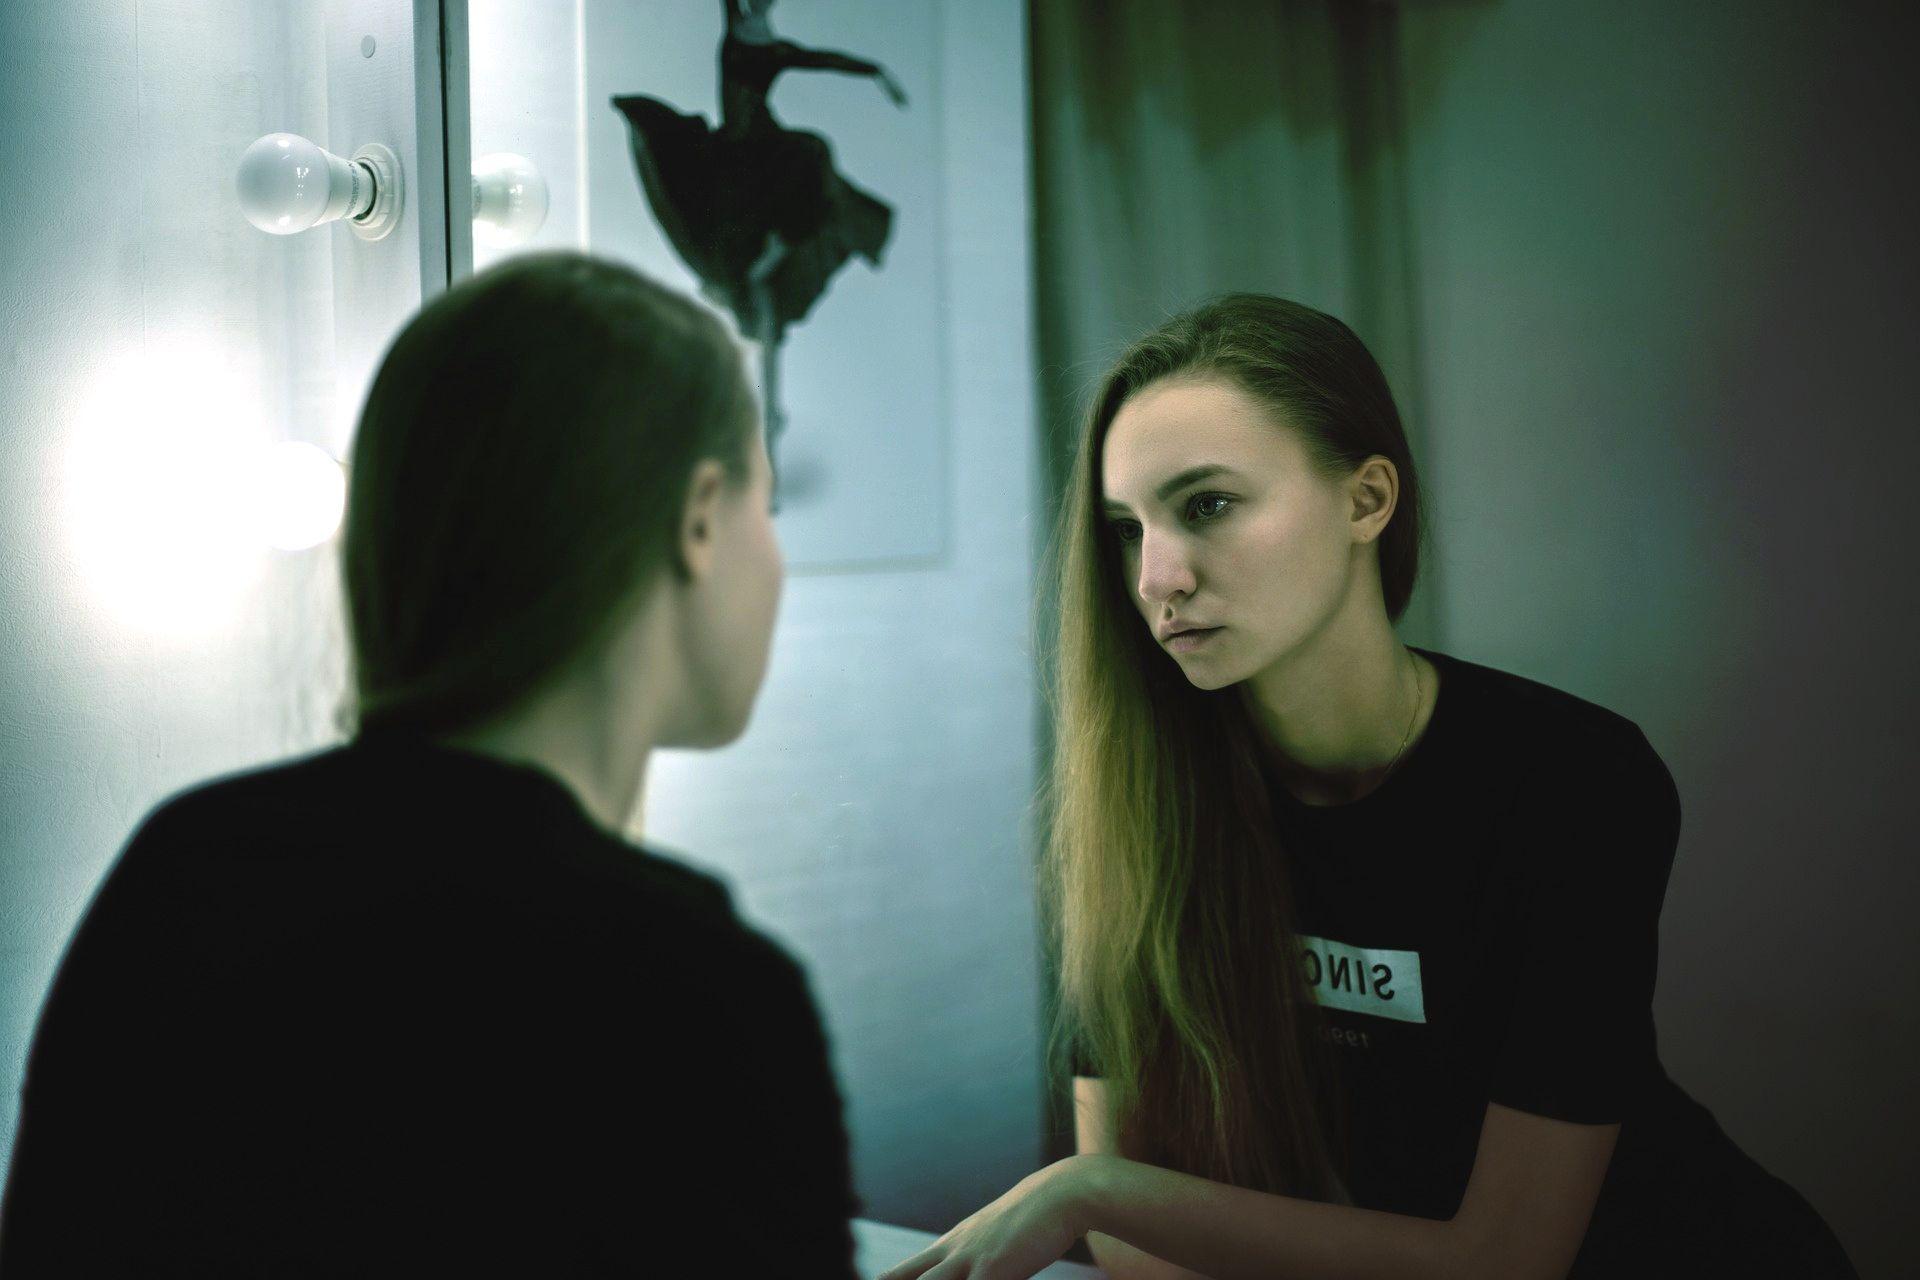 Разговор с собой от третьего лица может ослабить эмоциональное напряжение, psychologies.today